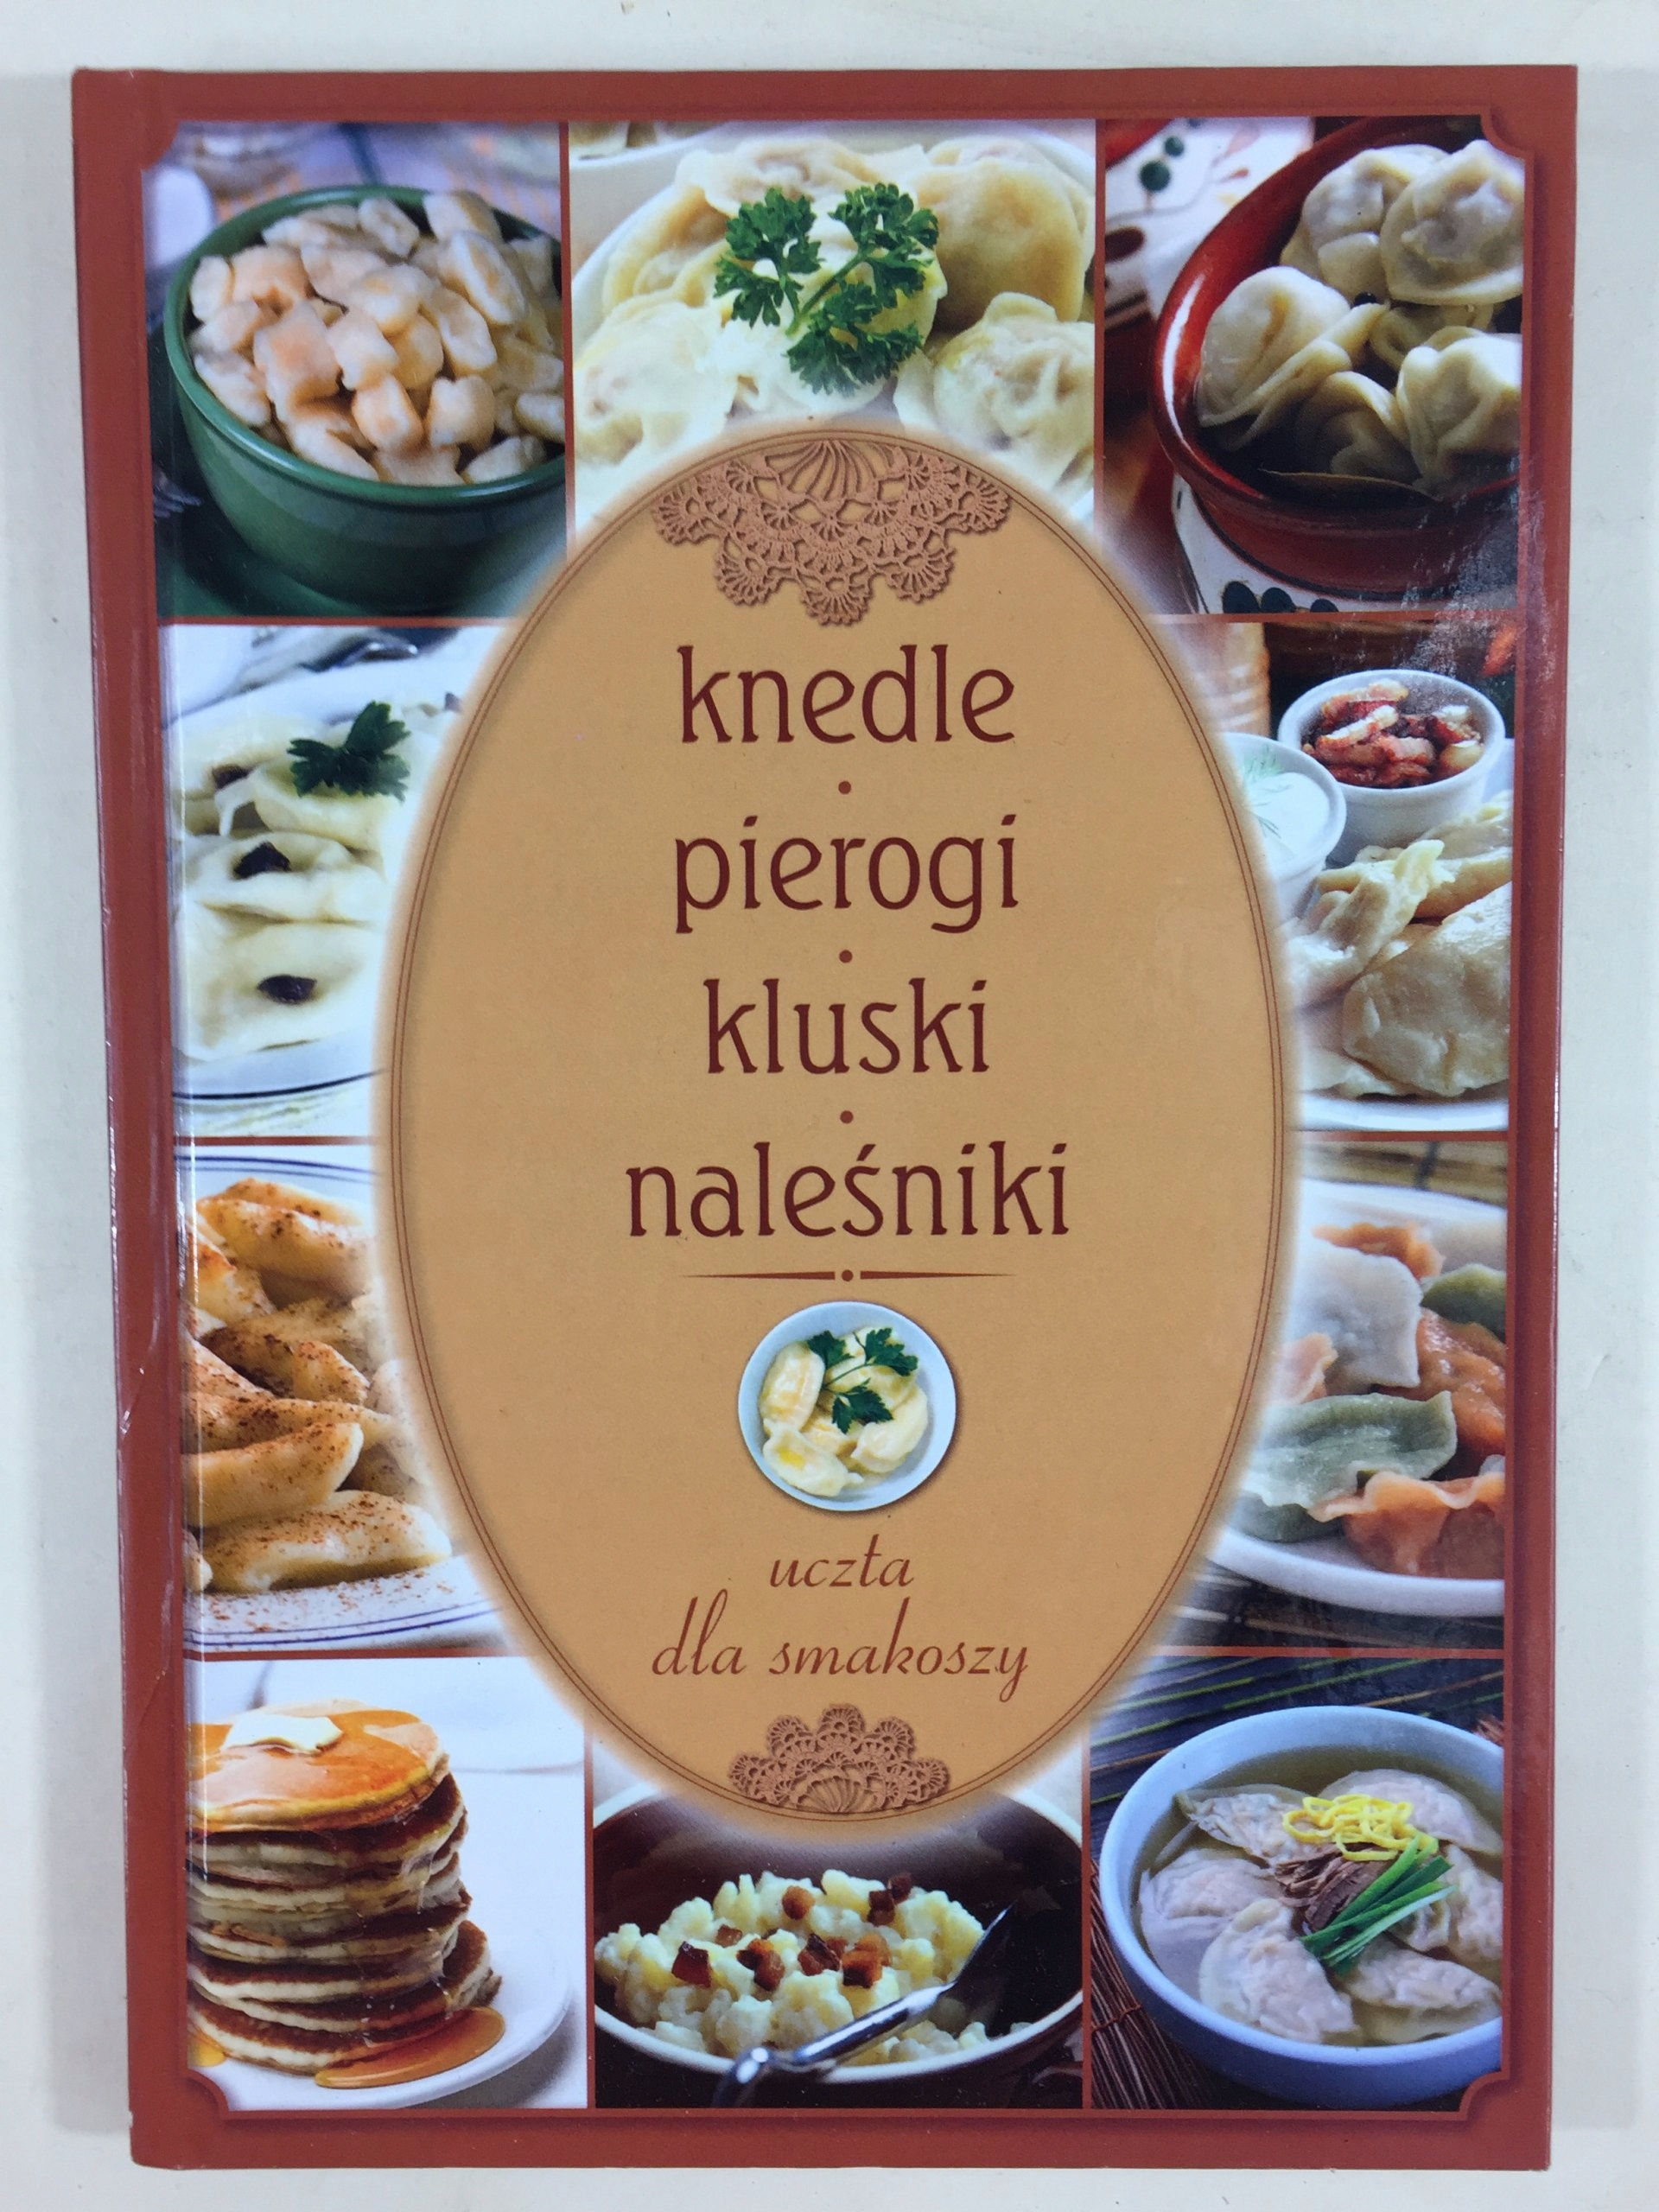 Knedle Pierogi Kluski Naleśniki Stan Bdb 6959314863